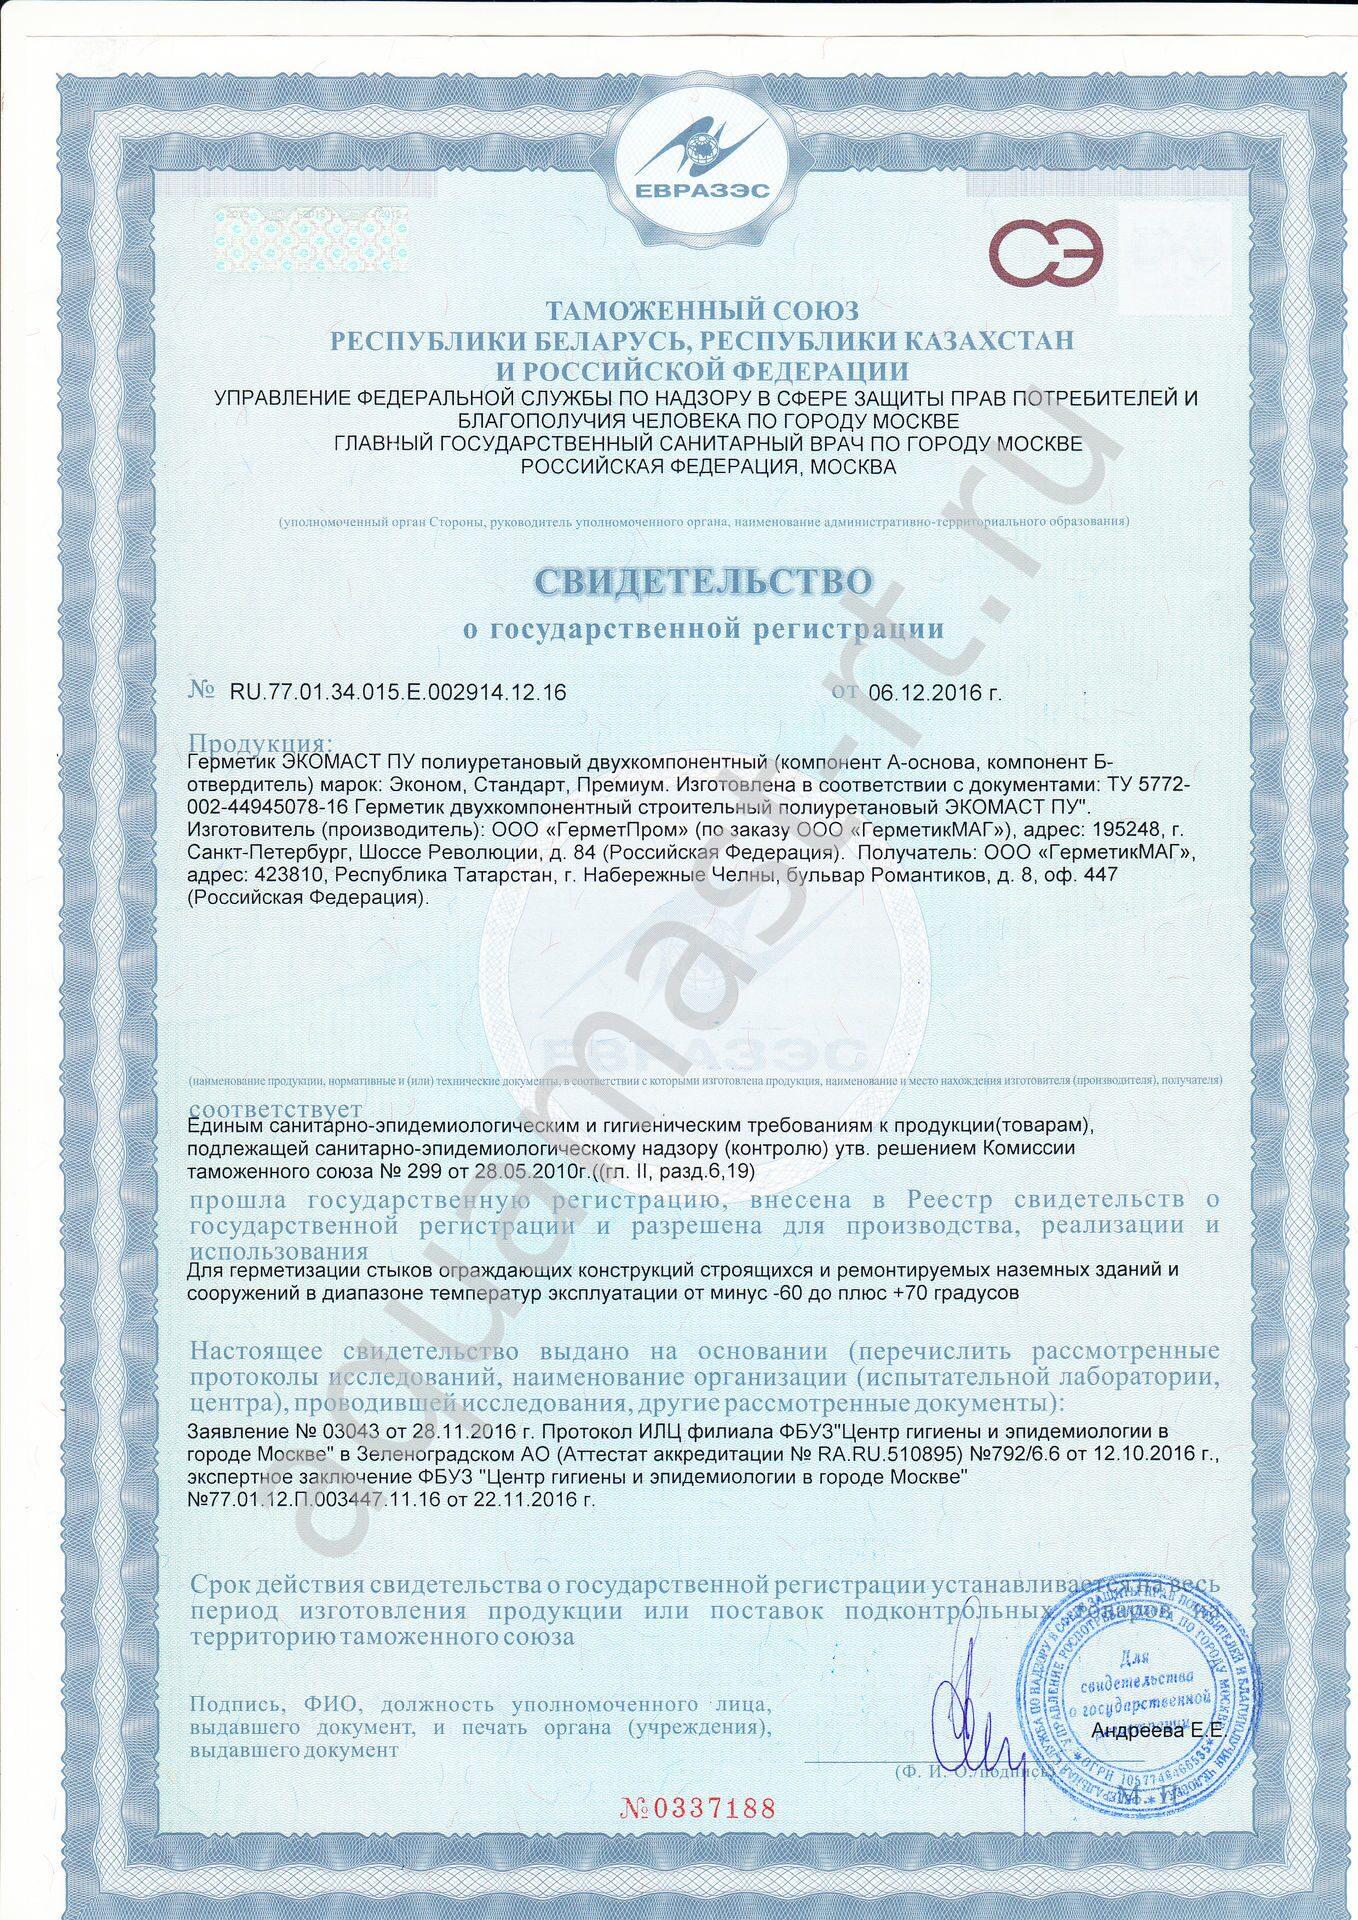 Тиоколовая мастика ам 05к с сертификатом и паспортом кг 600 цена автошпатлевки